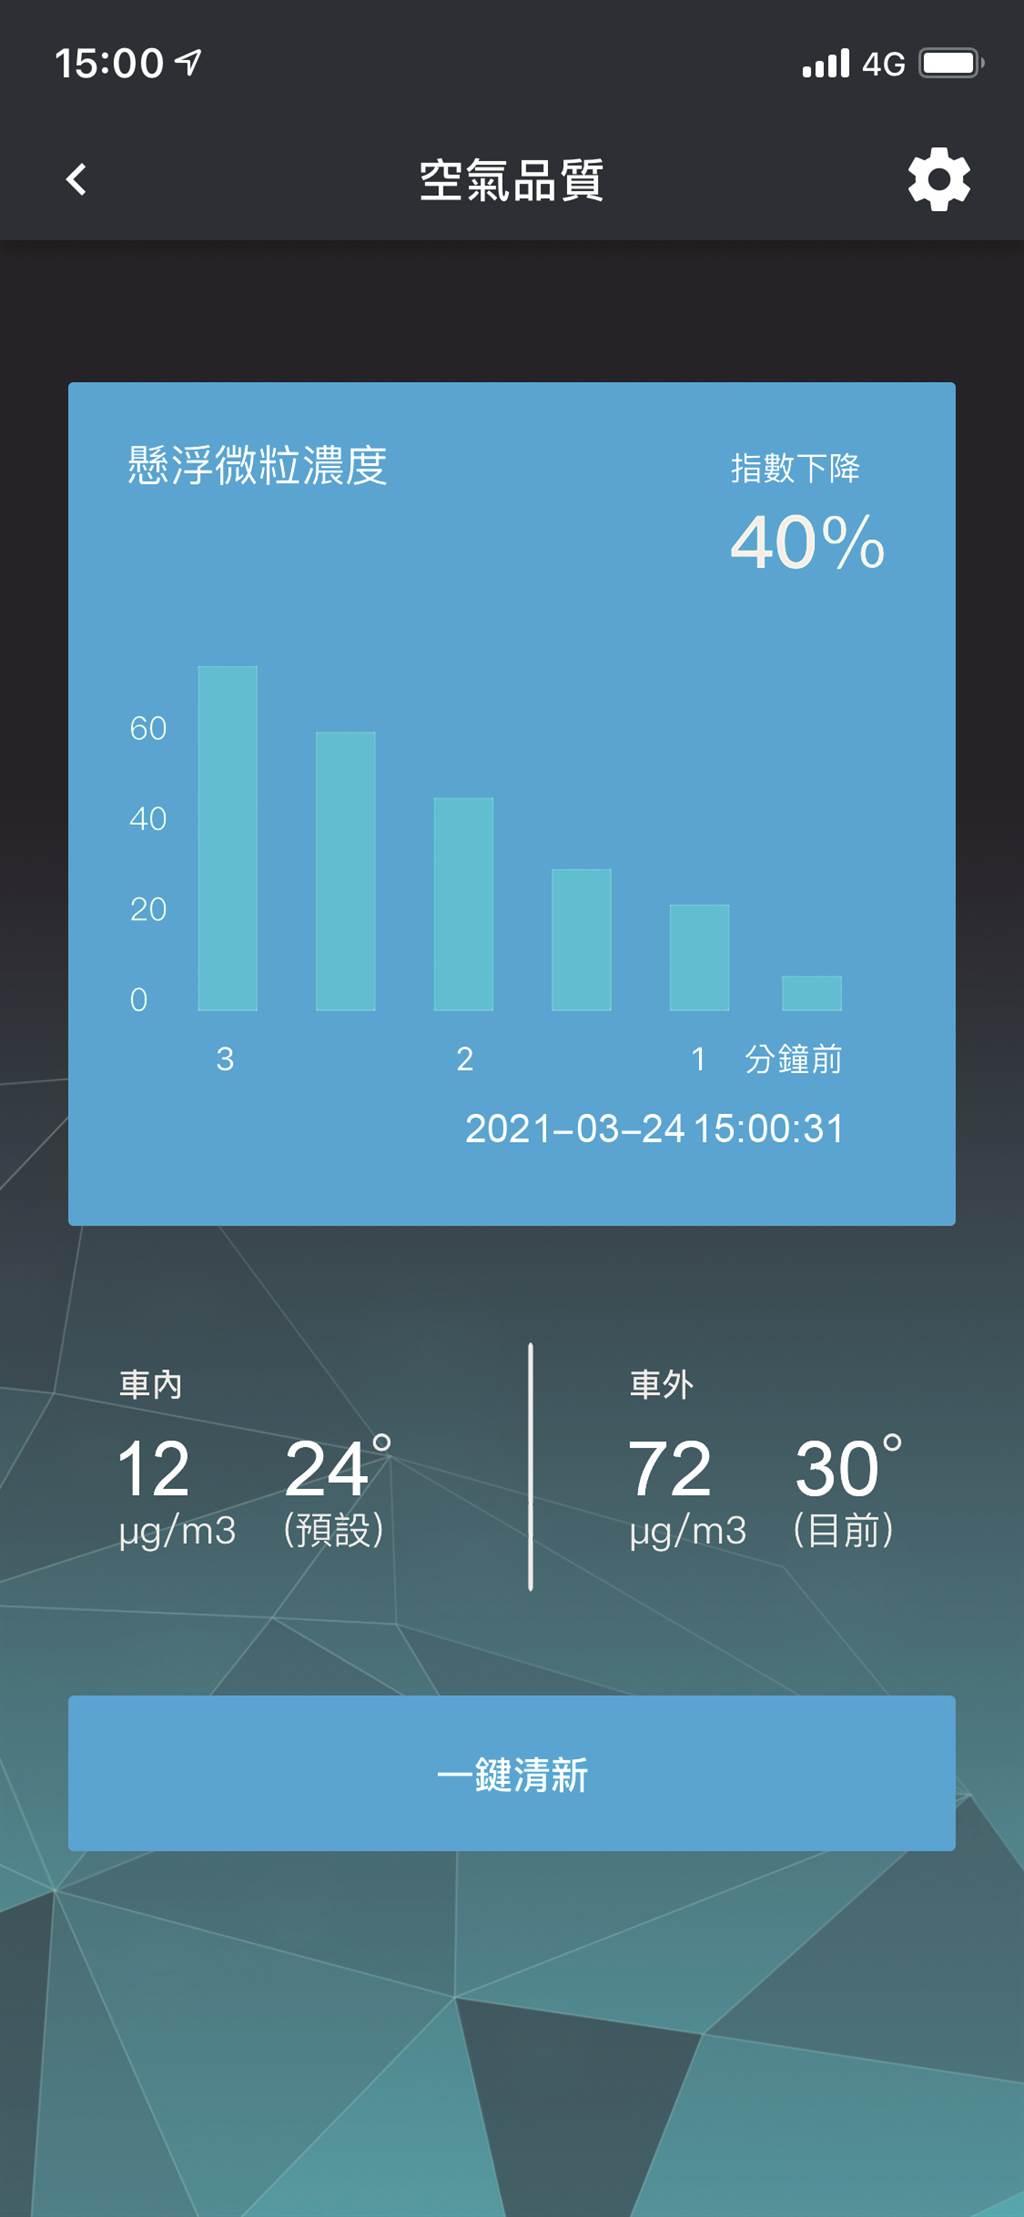 透過手機APP,就能啟動遠端一鍵清新功能,一上車就有健康好空氣。